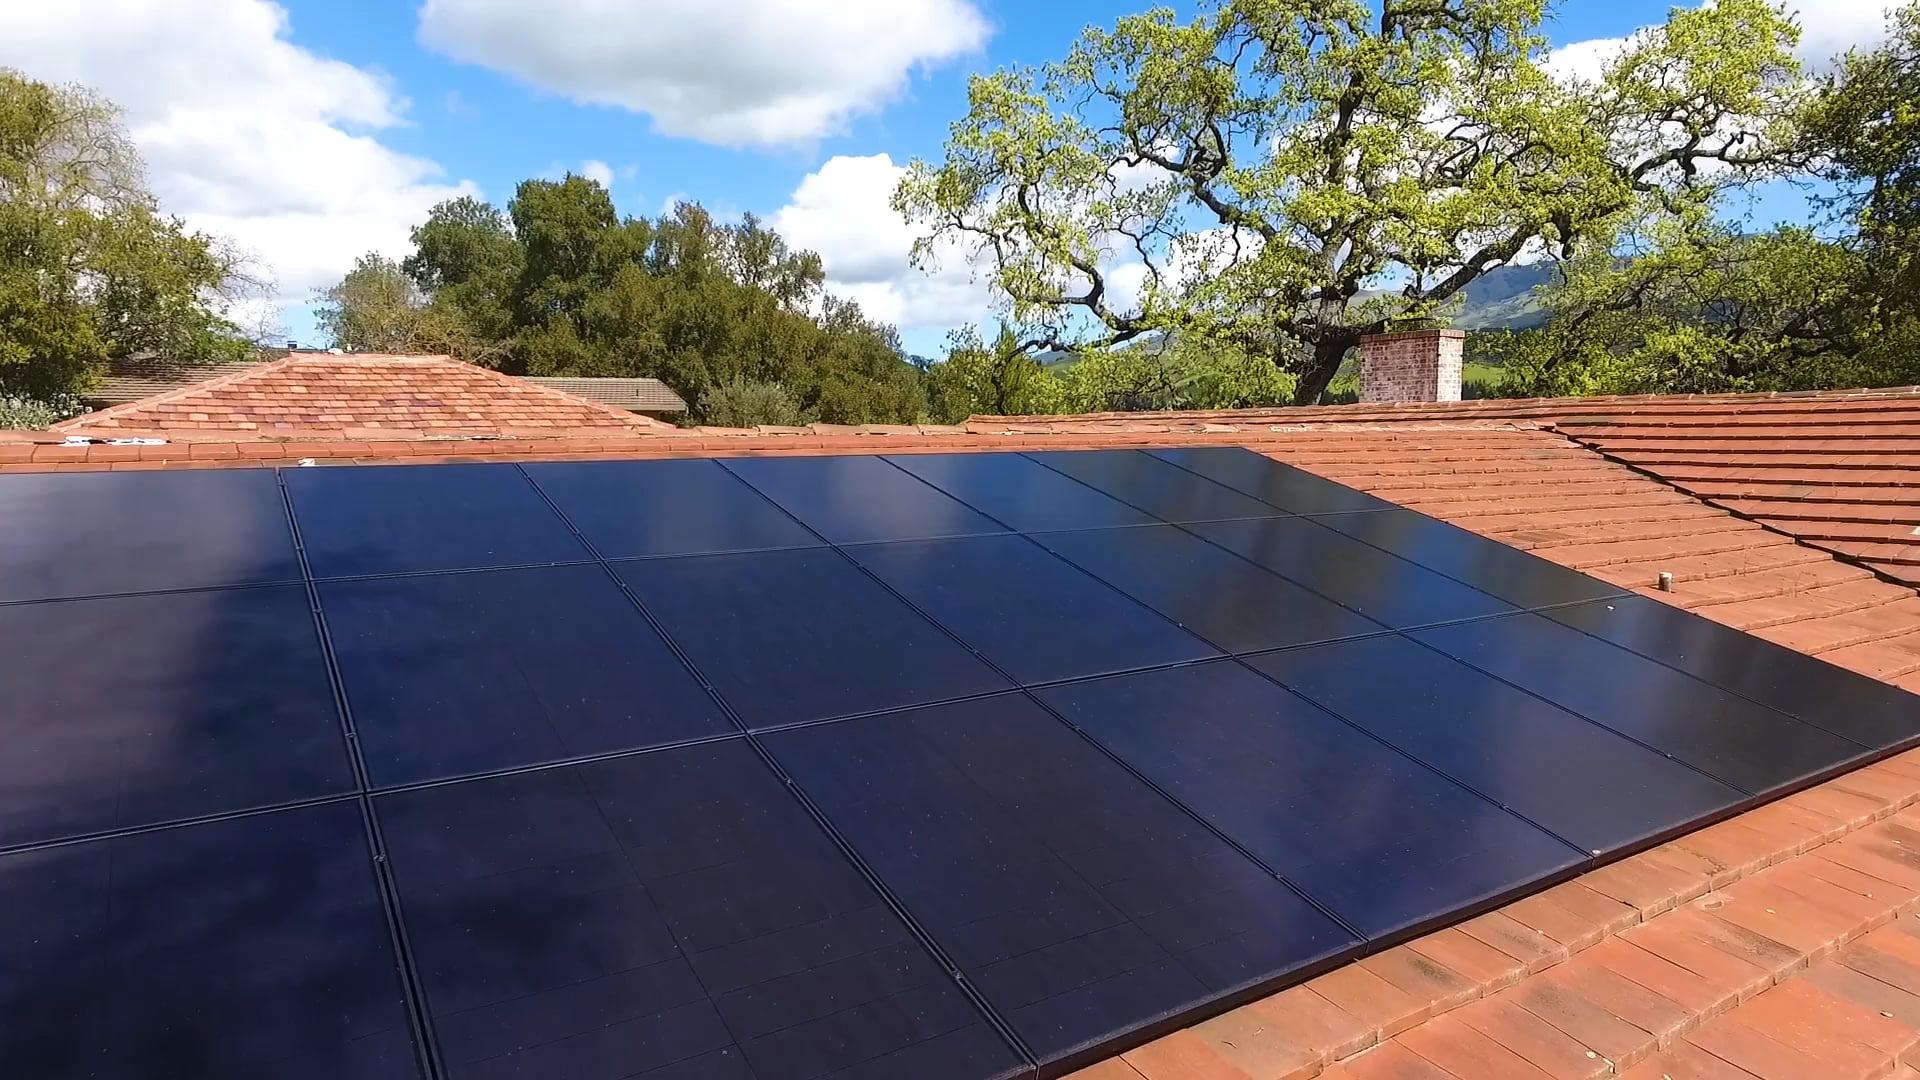 Solaria Solar Panels